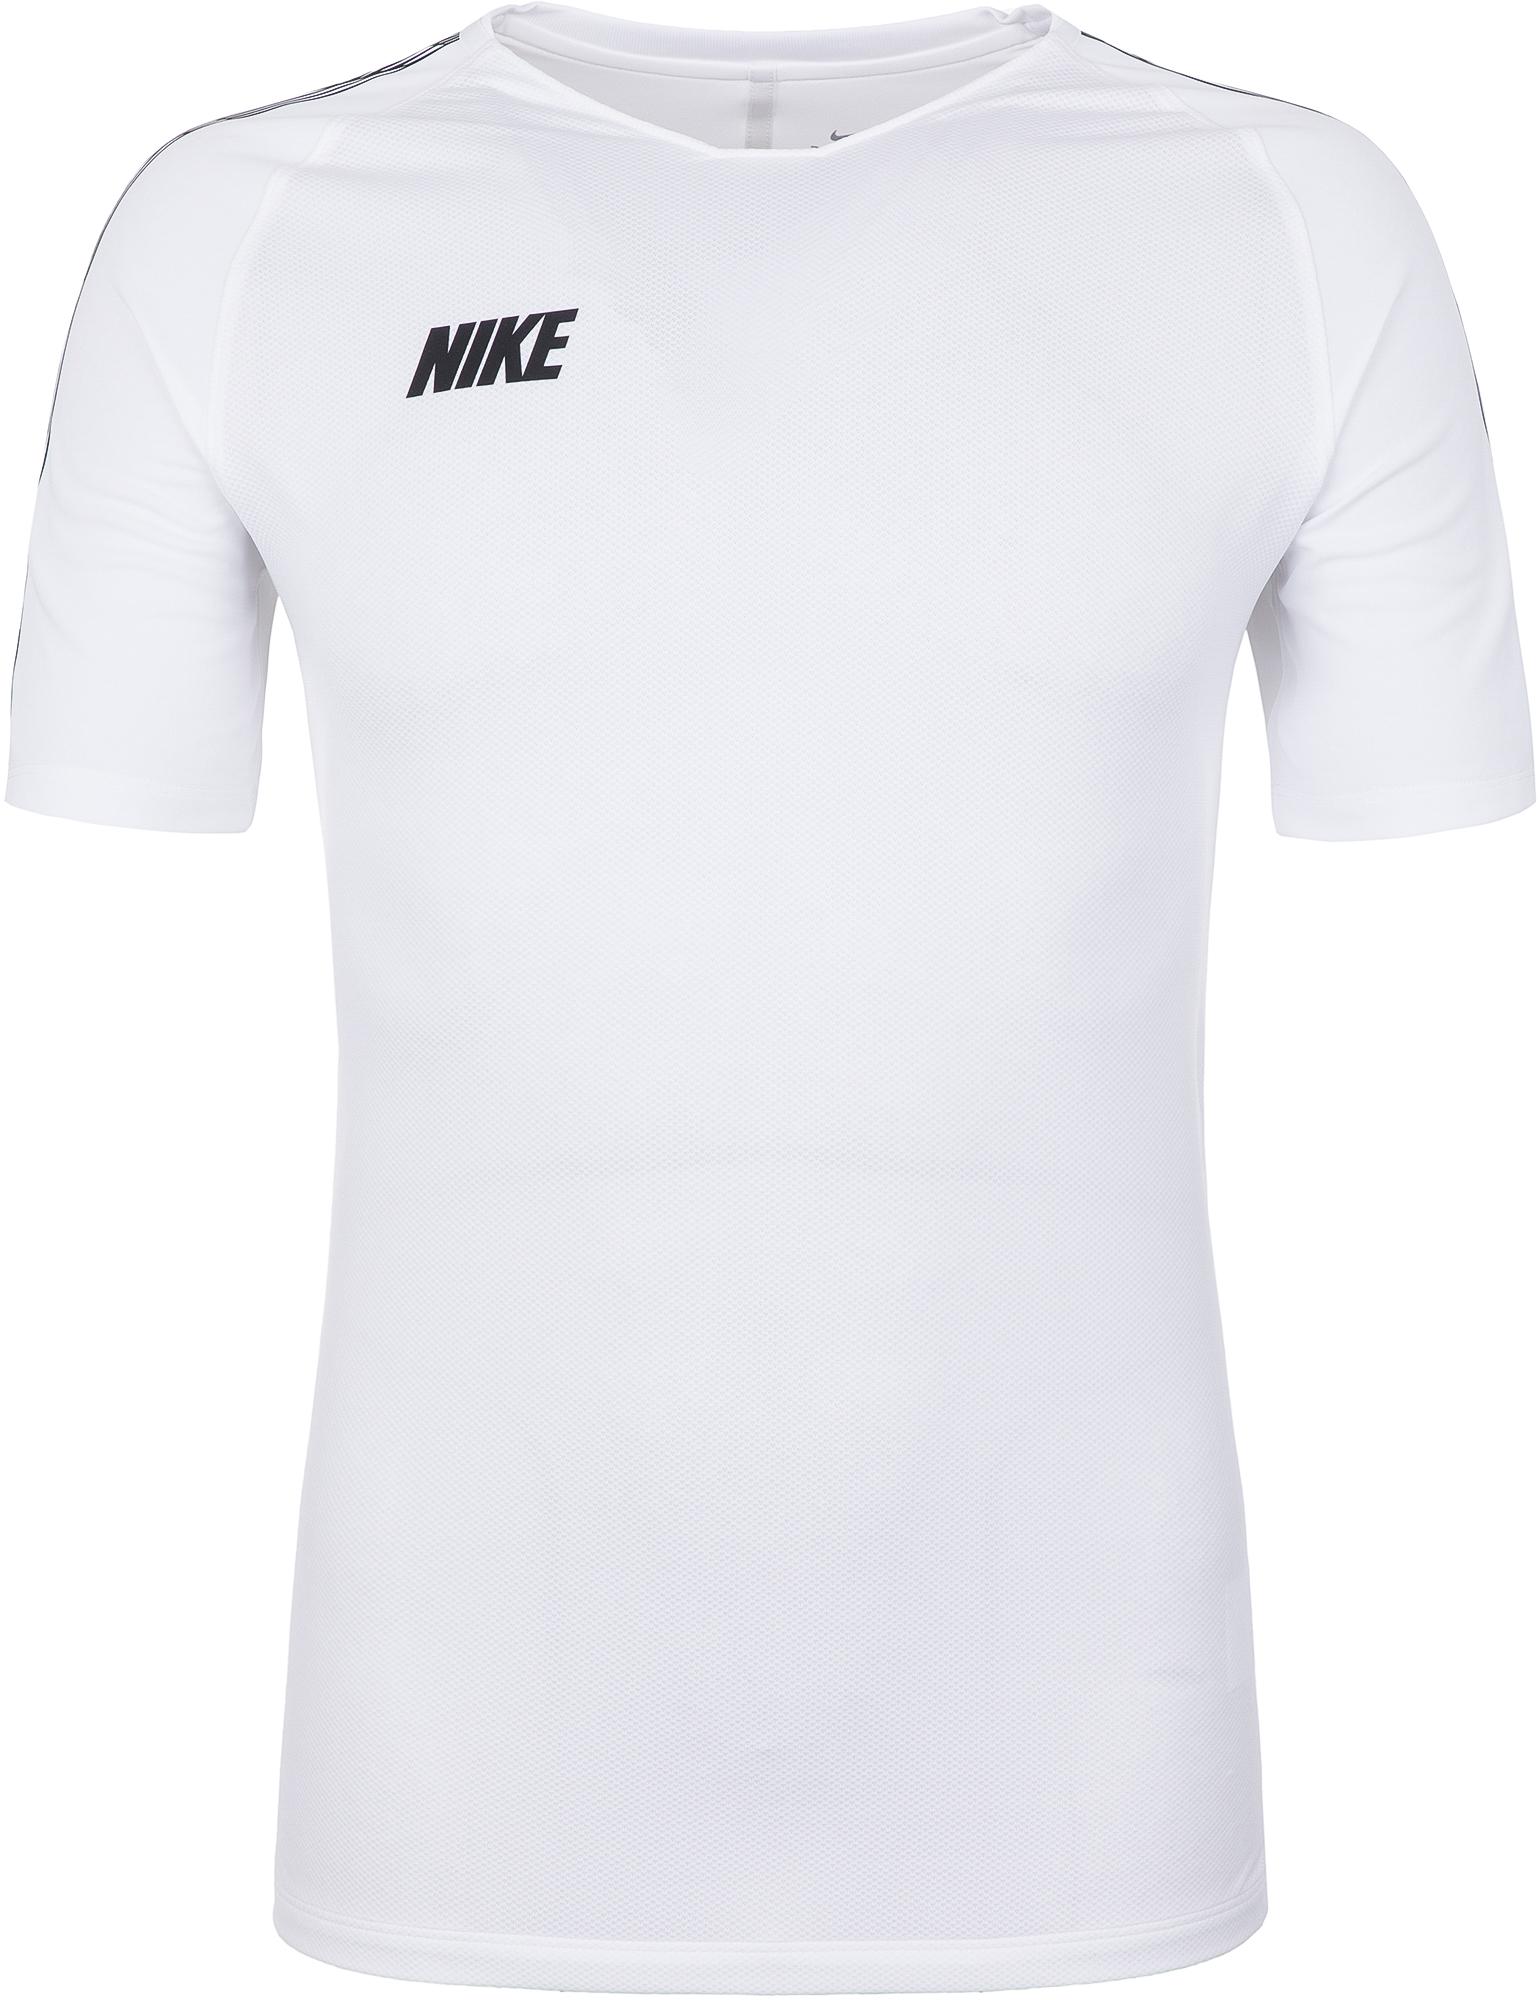 цена Nike Футболка мужская Nike Breathe, размер 52-54